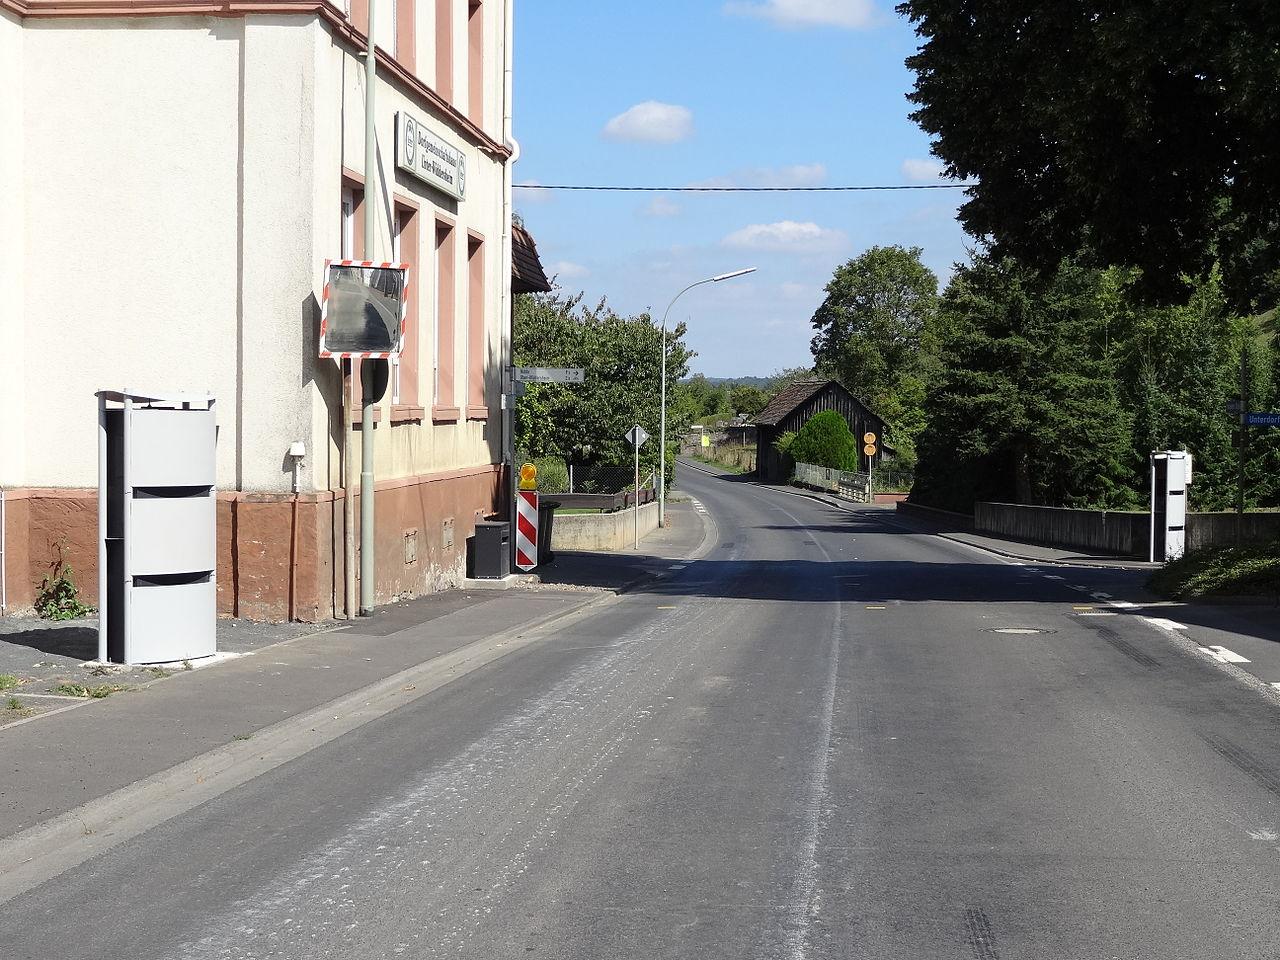 Stationäre Geschwindigkeitsmesser Unter-Widdersheim 01.JPG